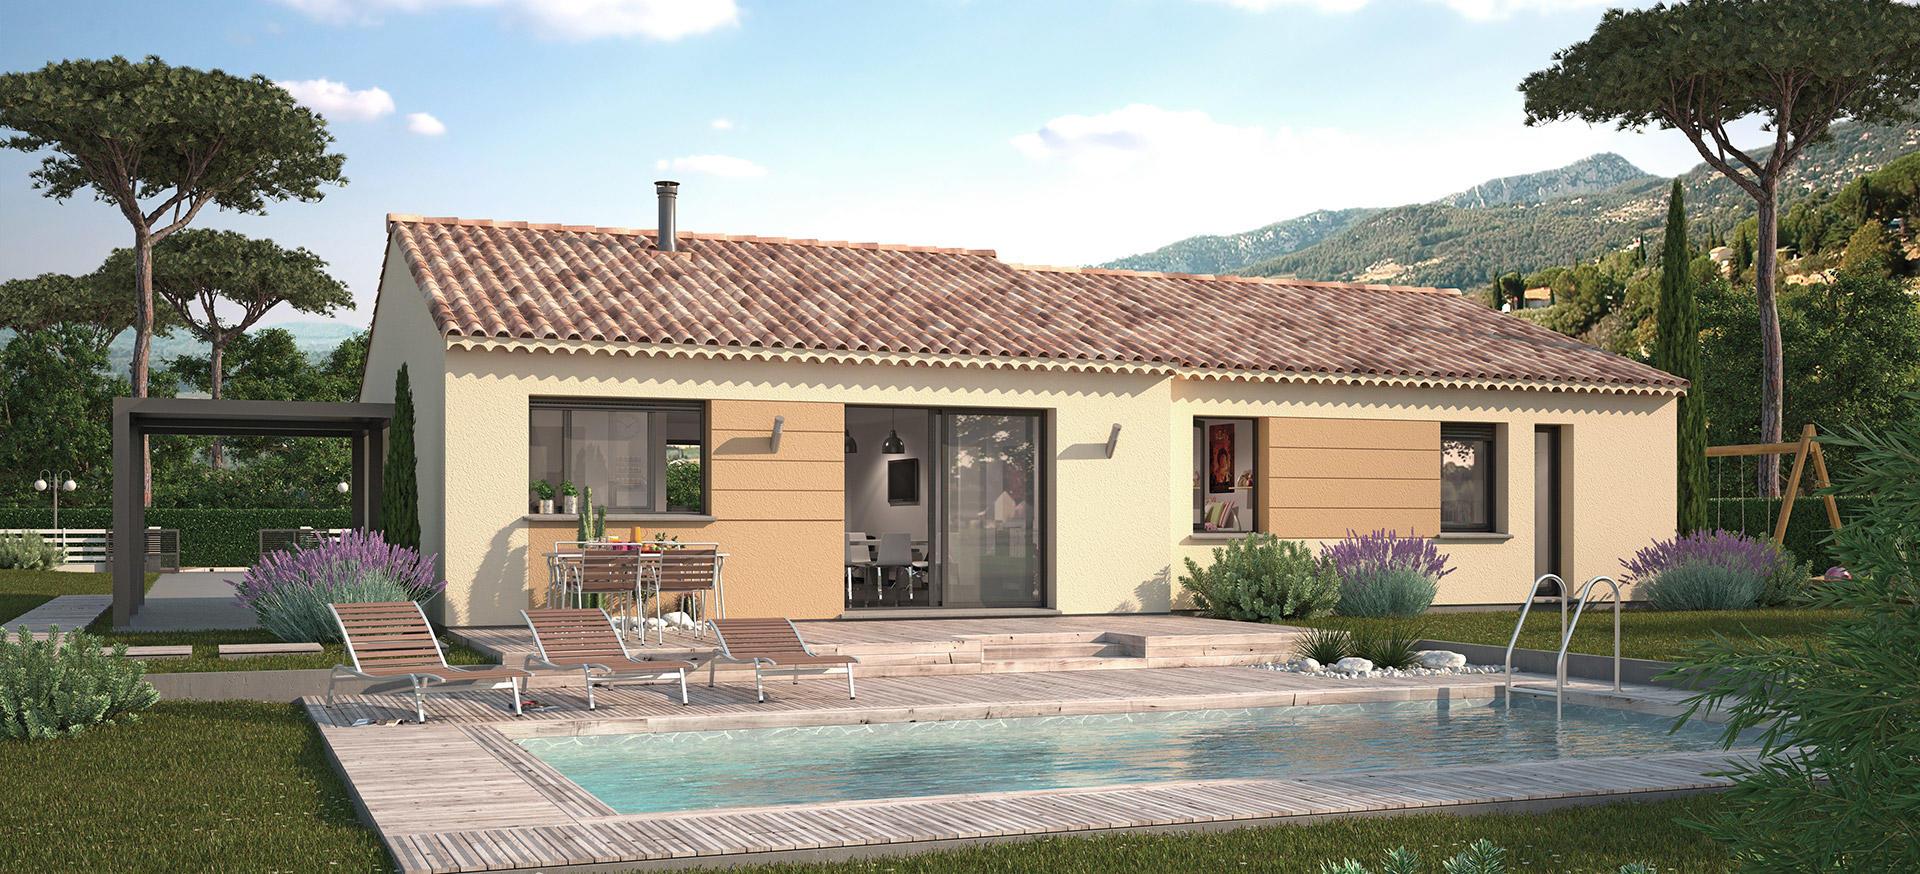 Maisons + Terrains du constructeur MAISON FAMILIALE • 87 m² • TOURRETTES